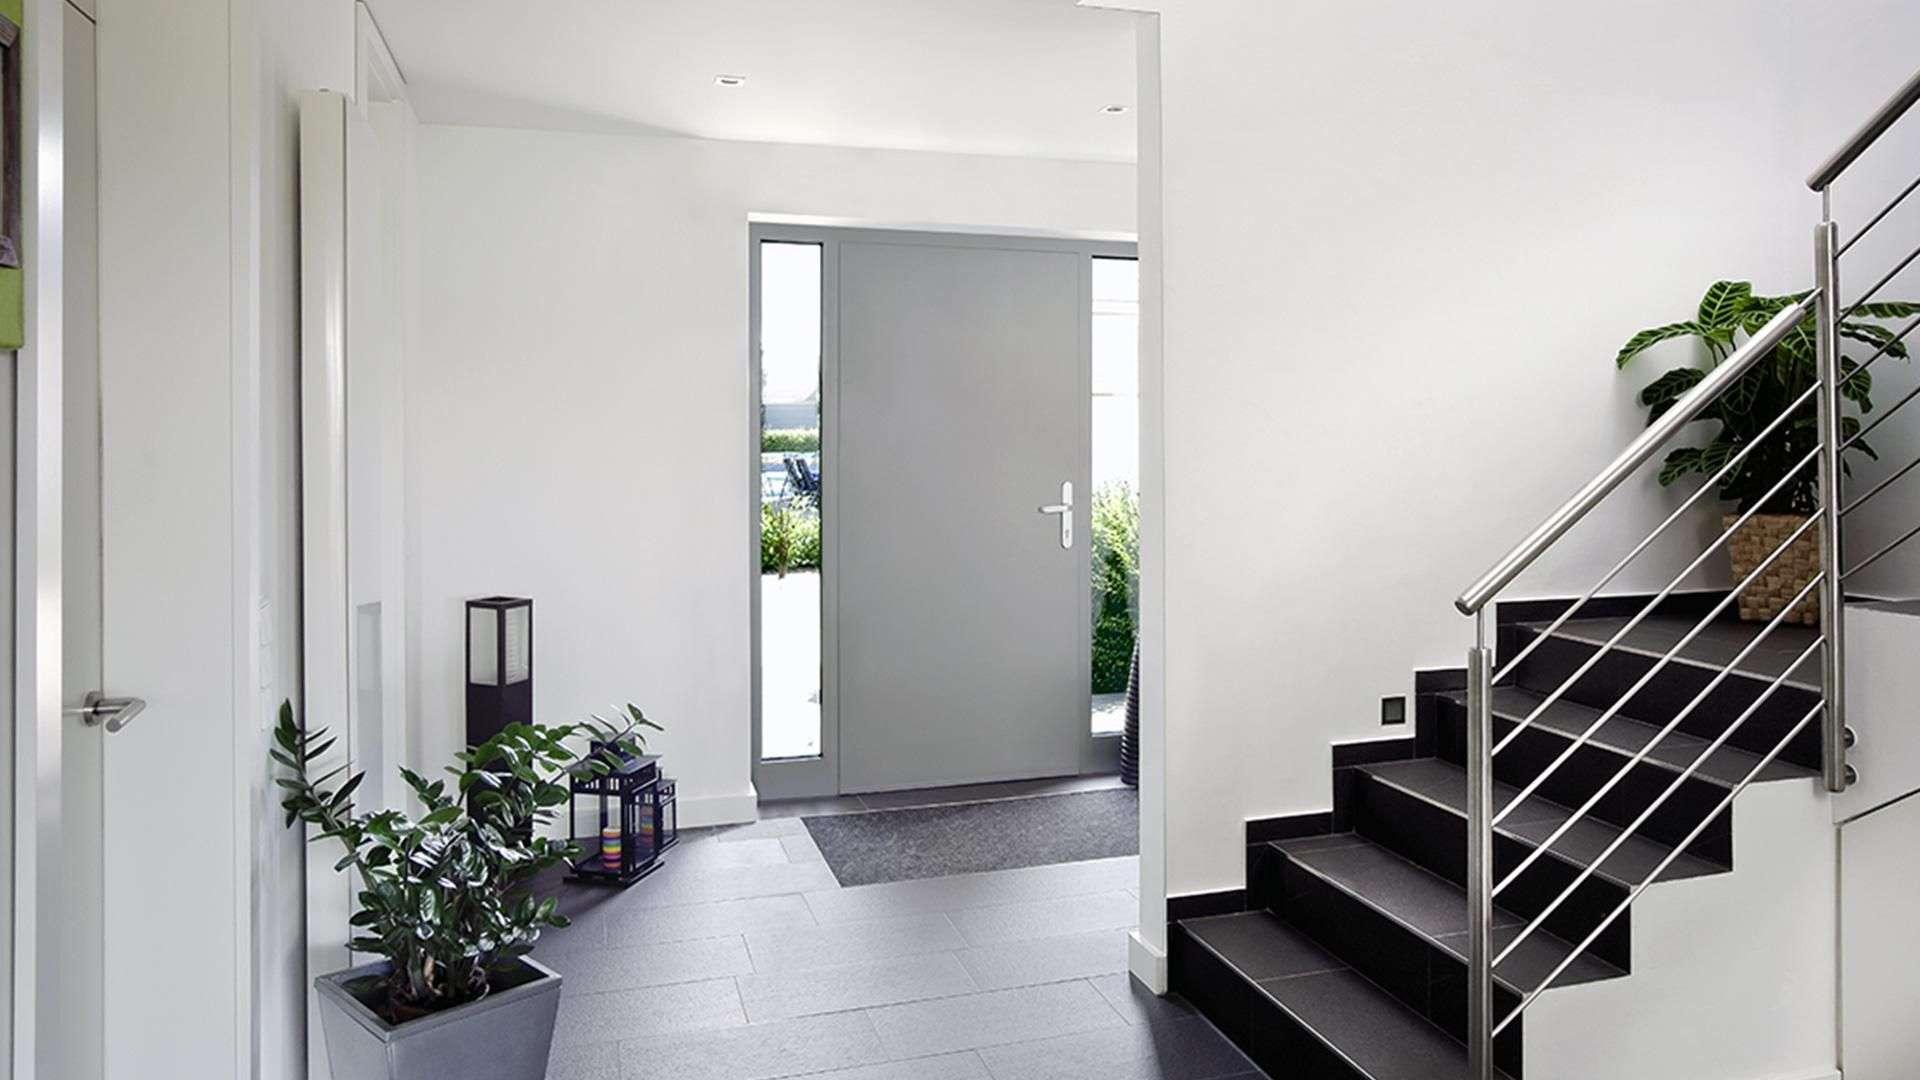 Eingangsbereich eines Hauses mit hellgrauer Haustür und Treppe in die erste Etage